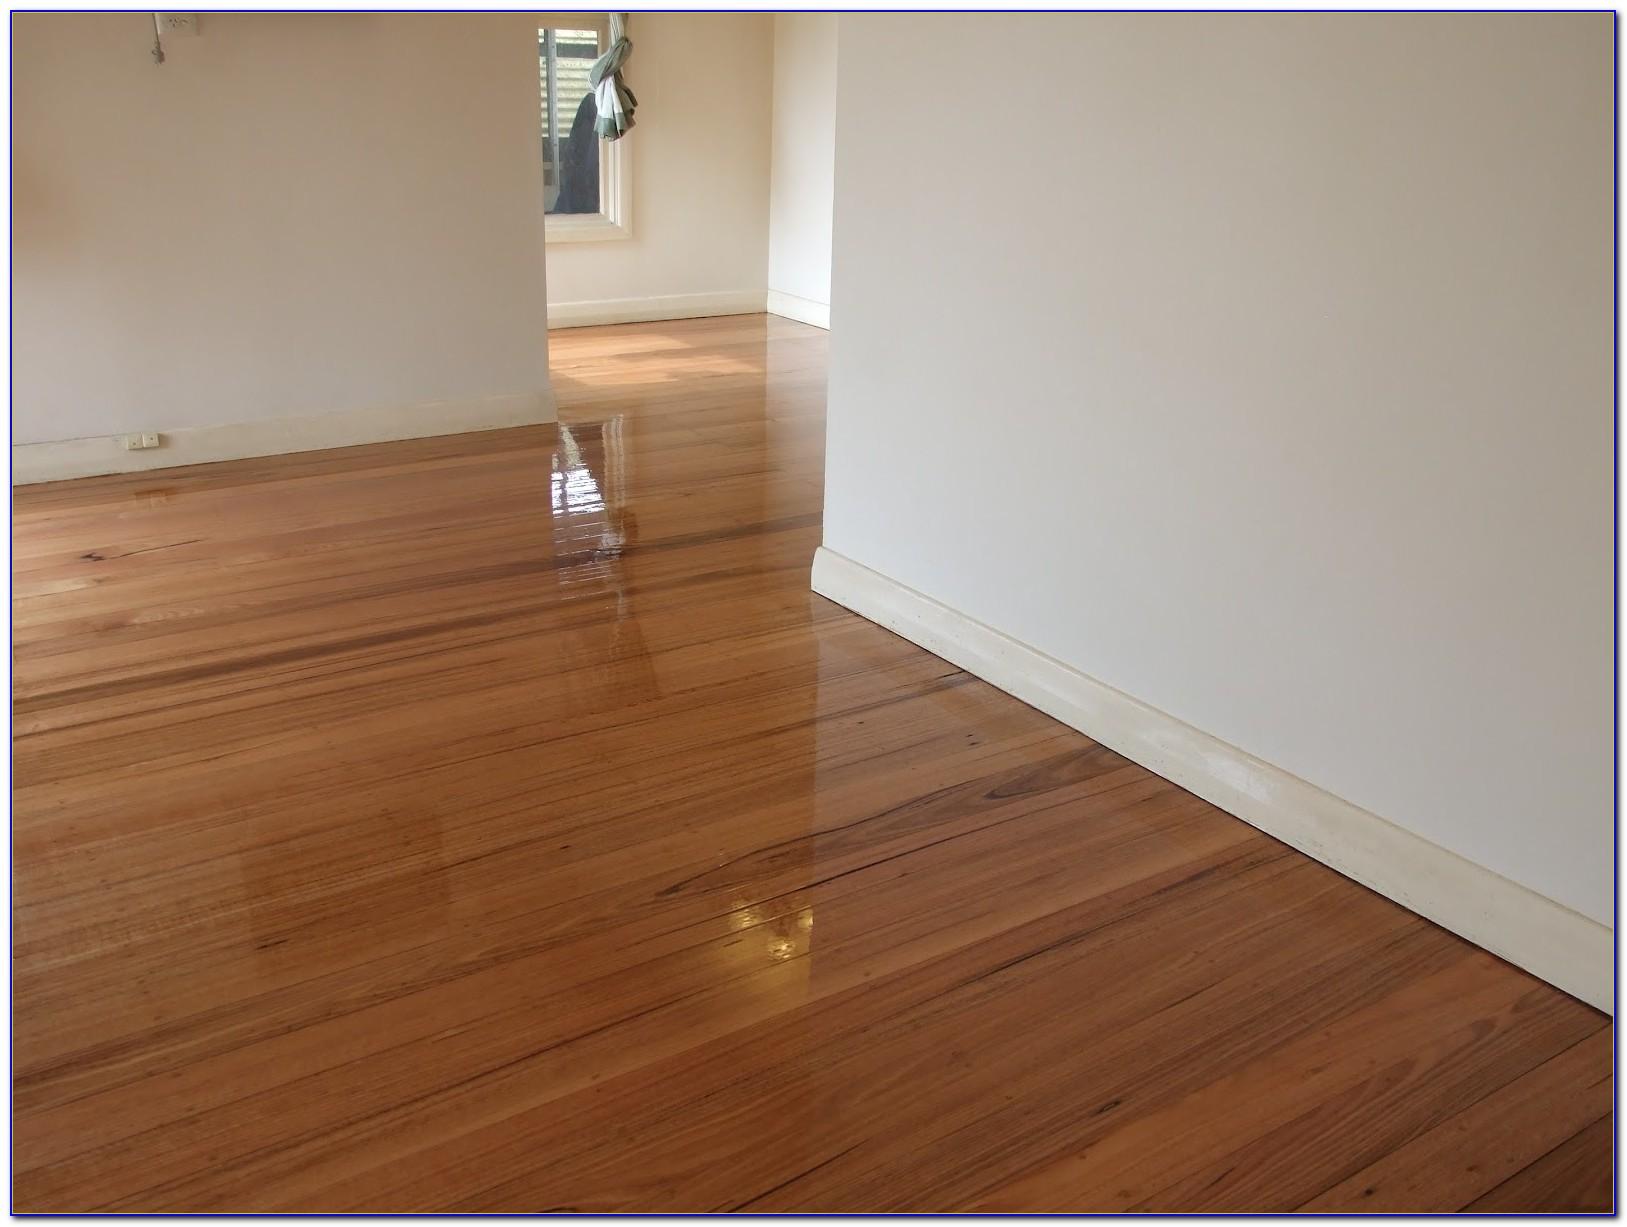 Buffer Sanding Hardwood Floors